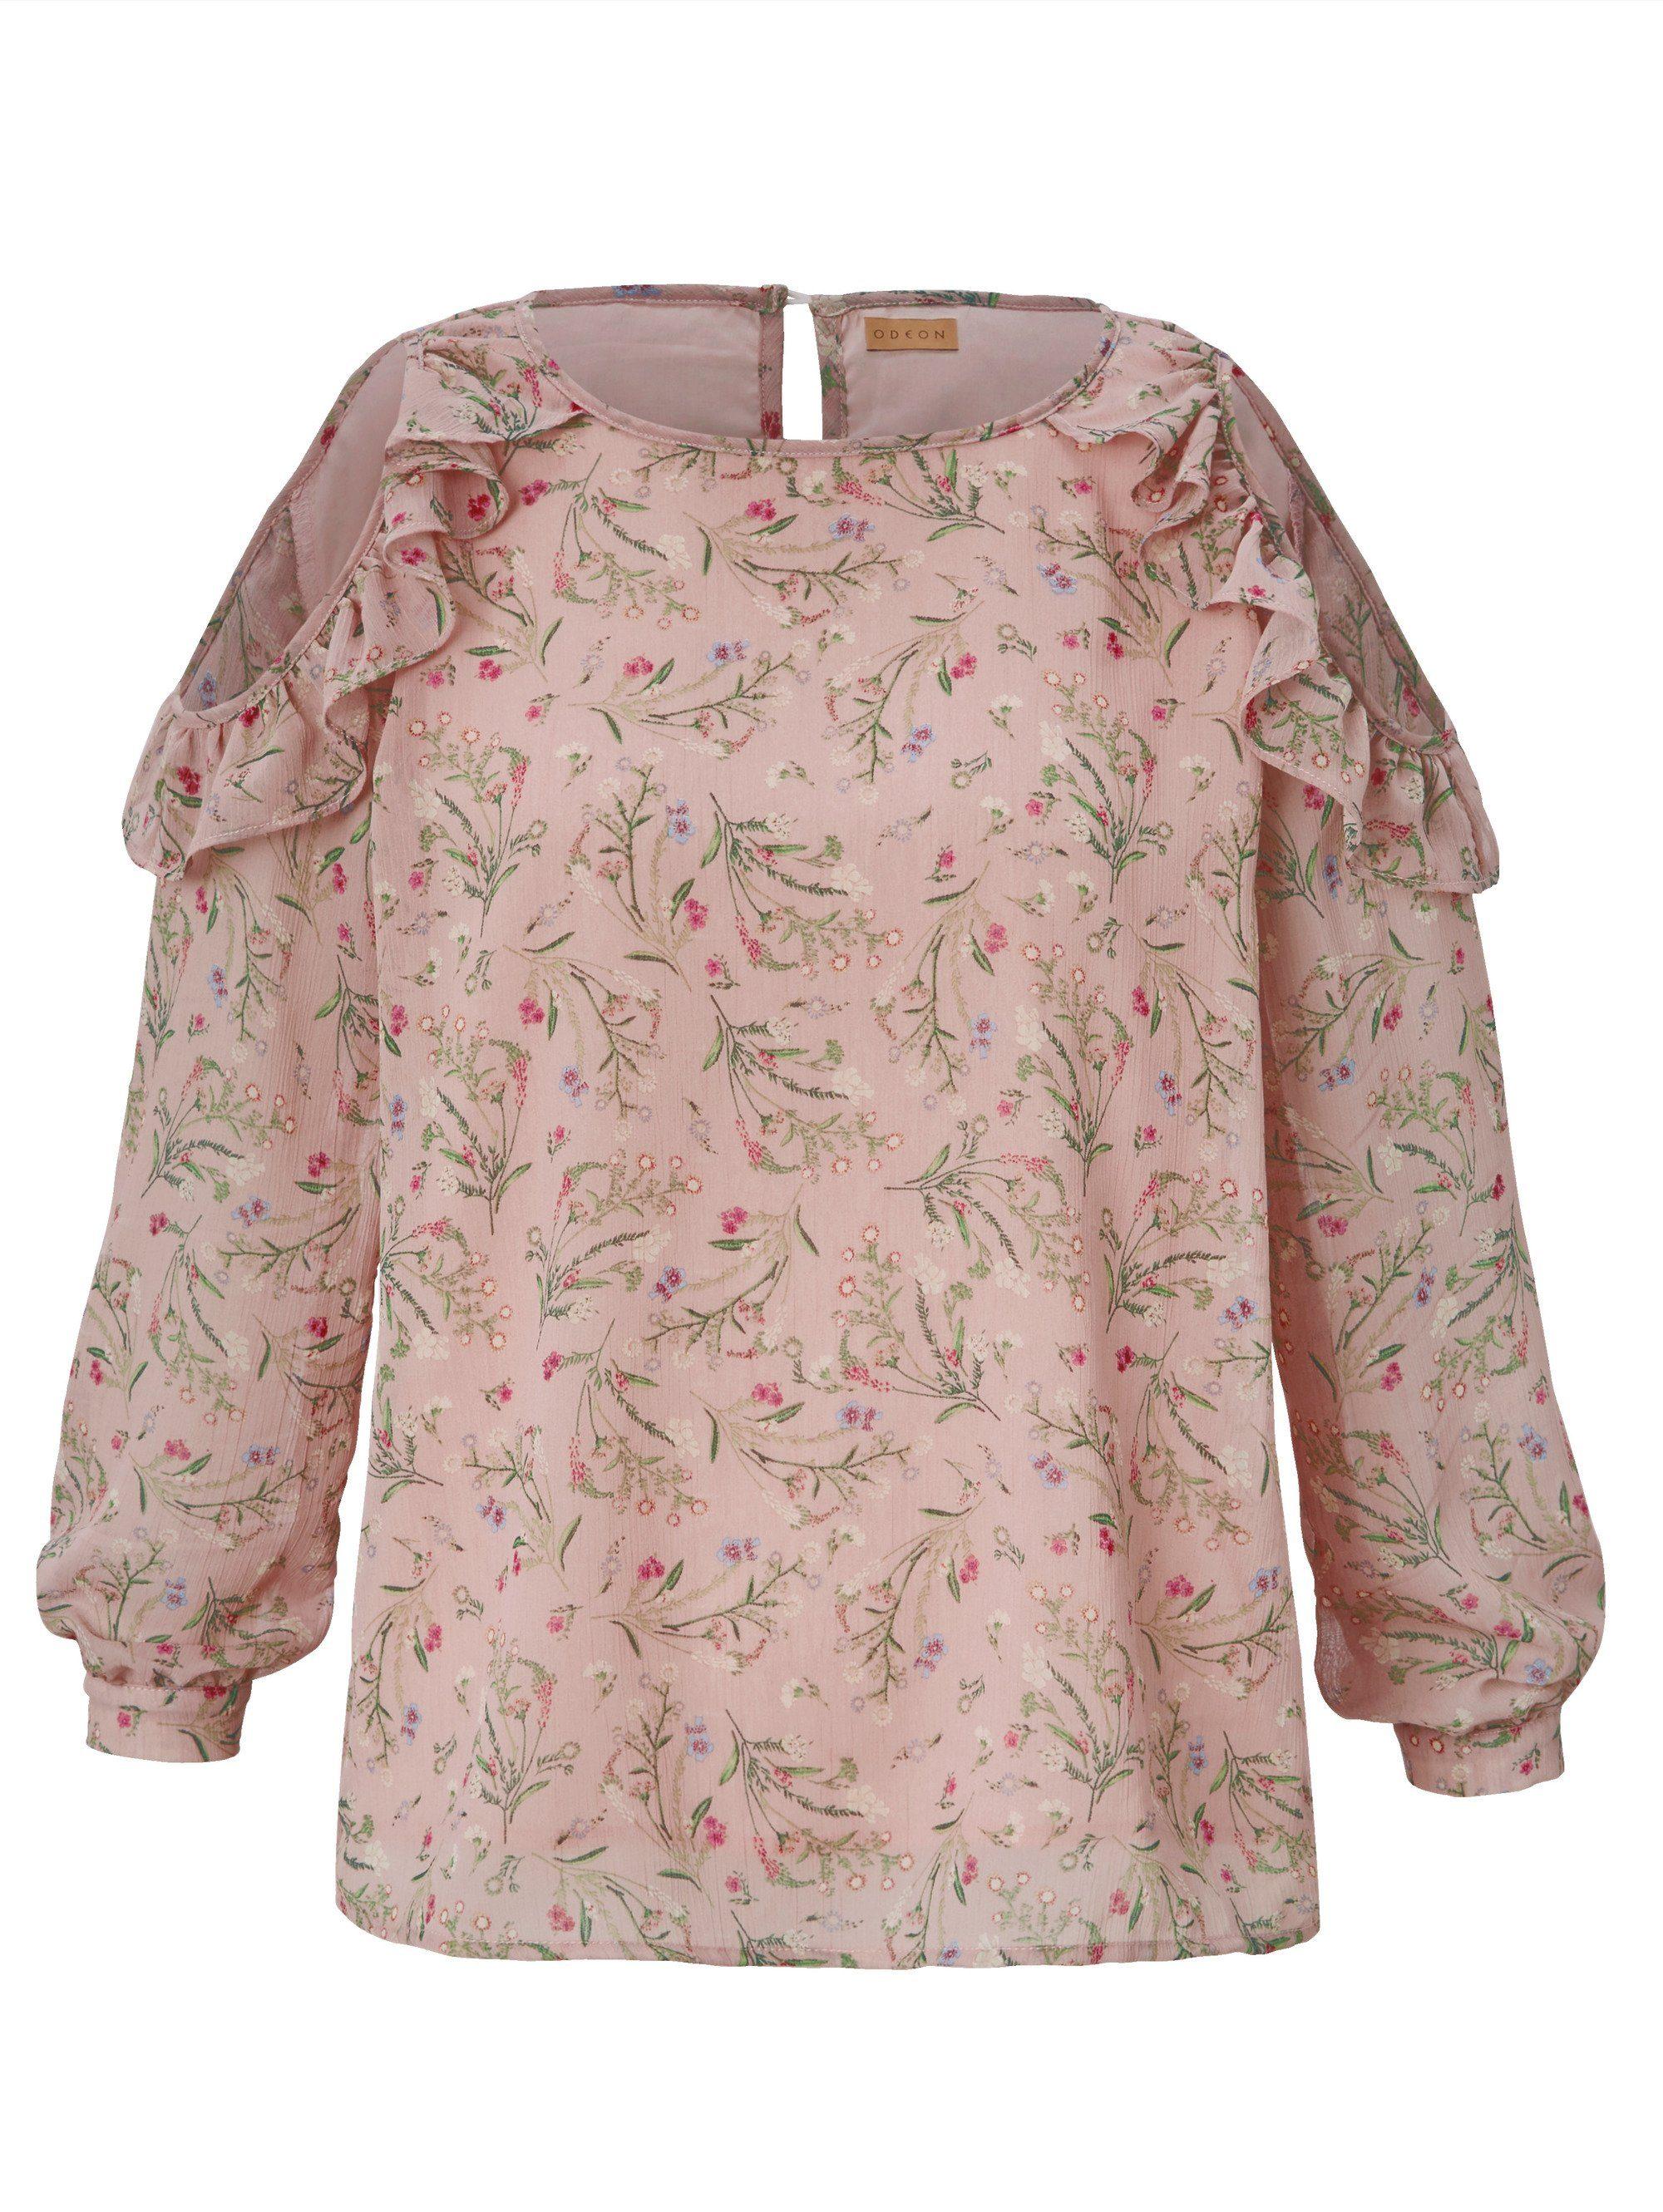 Sheego Crash Damen Oberteil Gr.46,48,50,52,58 Tunika Bluse Rüschen SHIRT pink